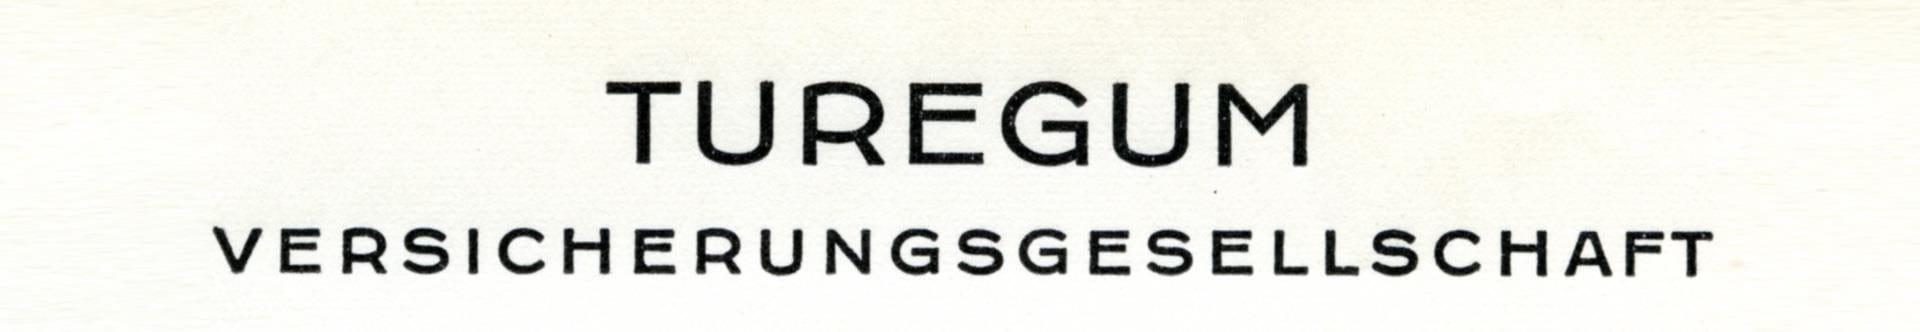 1938: Gründung der Versicherungsgesellschaft Turegum